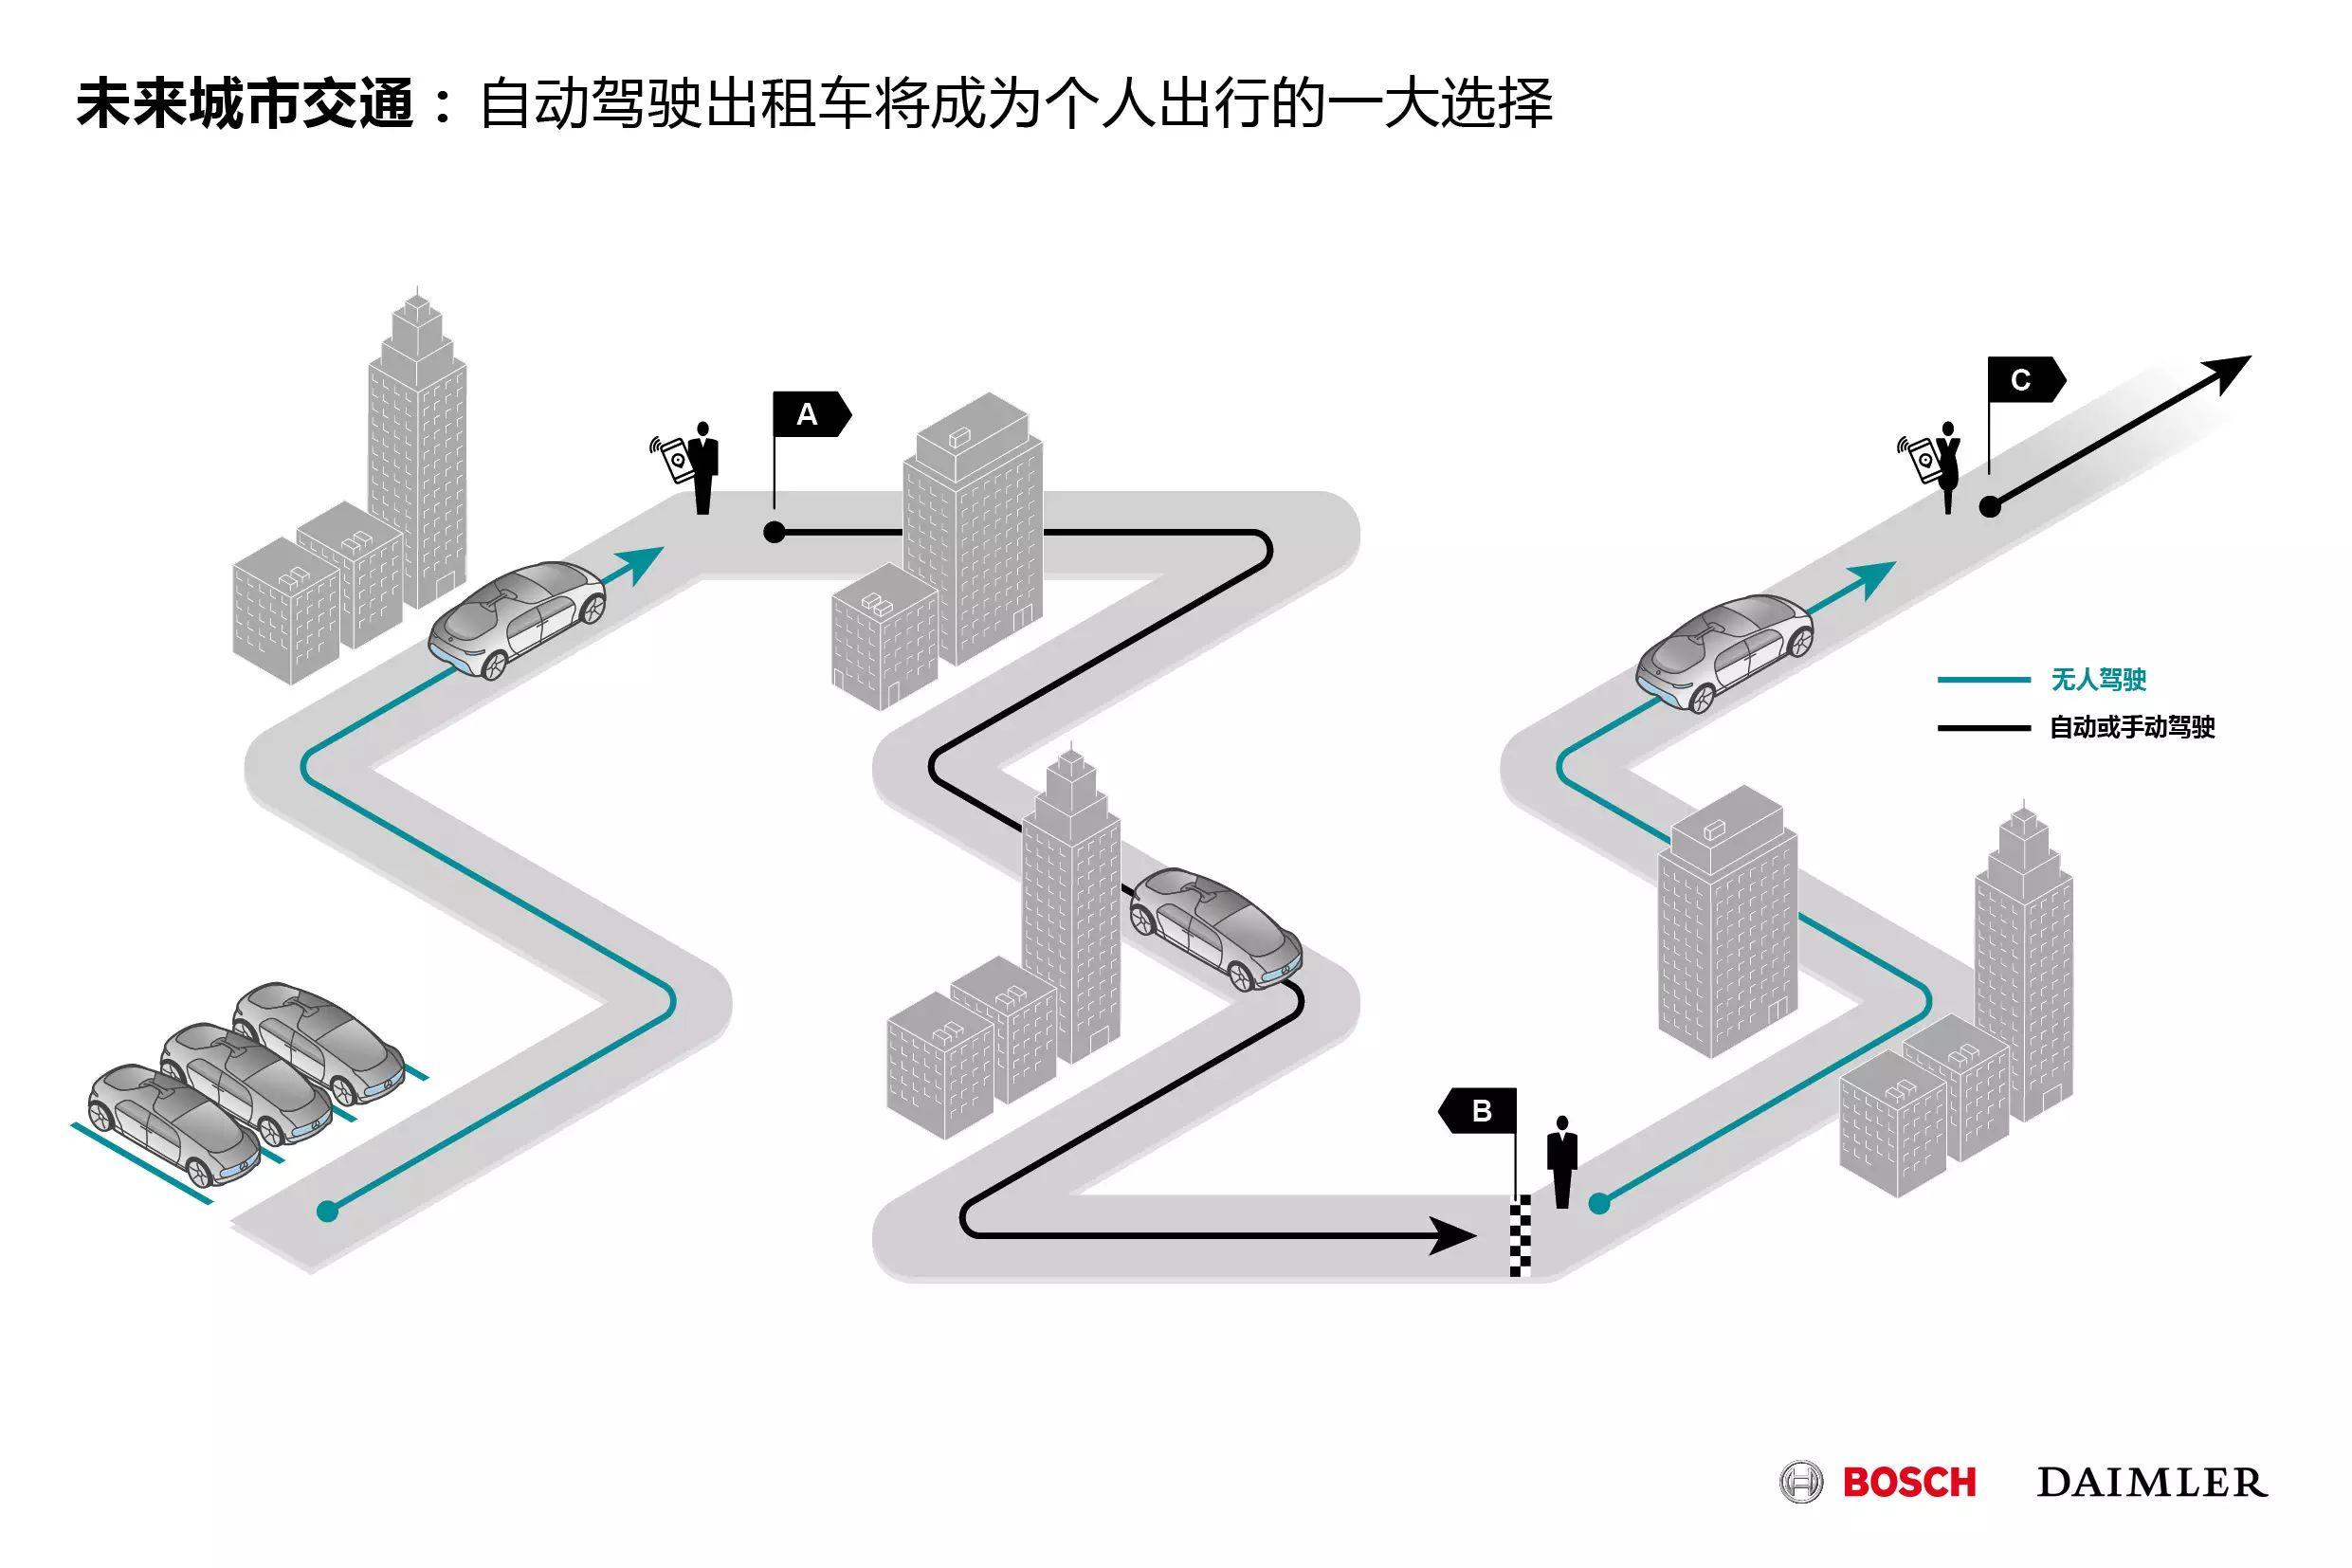 02_自动驾驶出租车将成为个人出行的一大选择.jpg